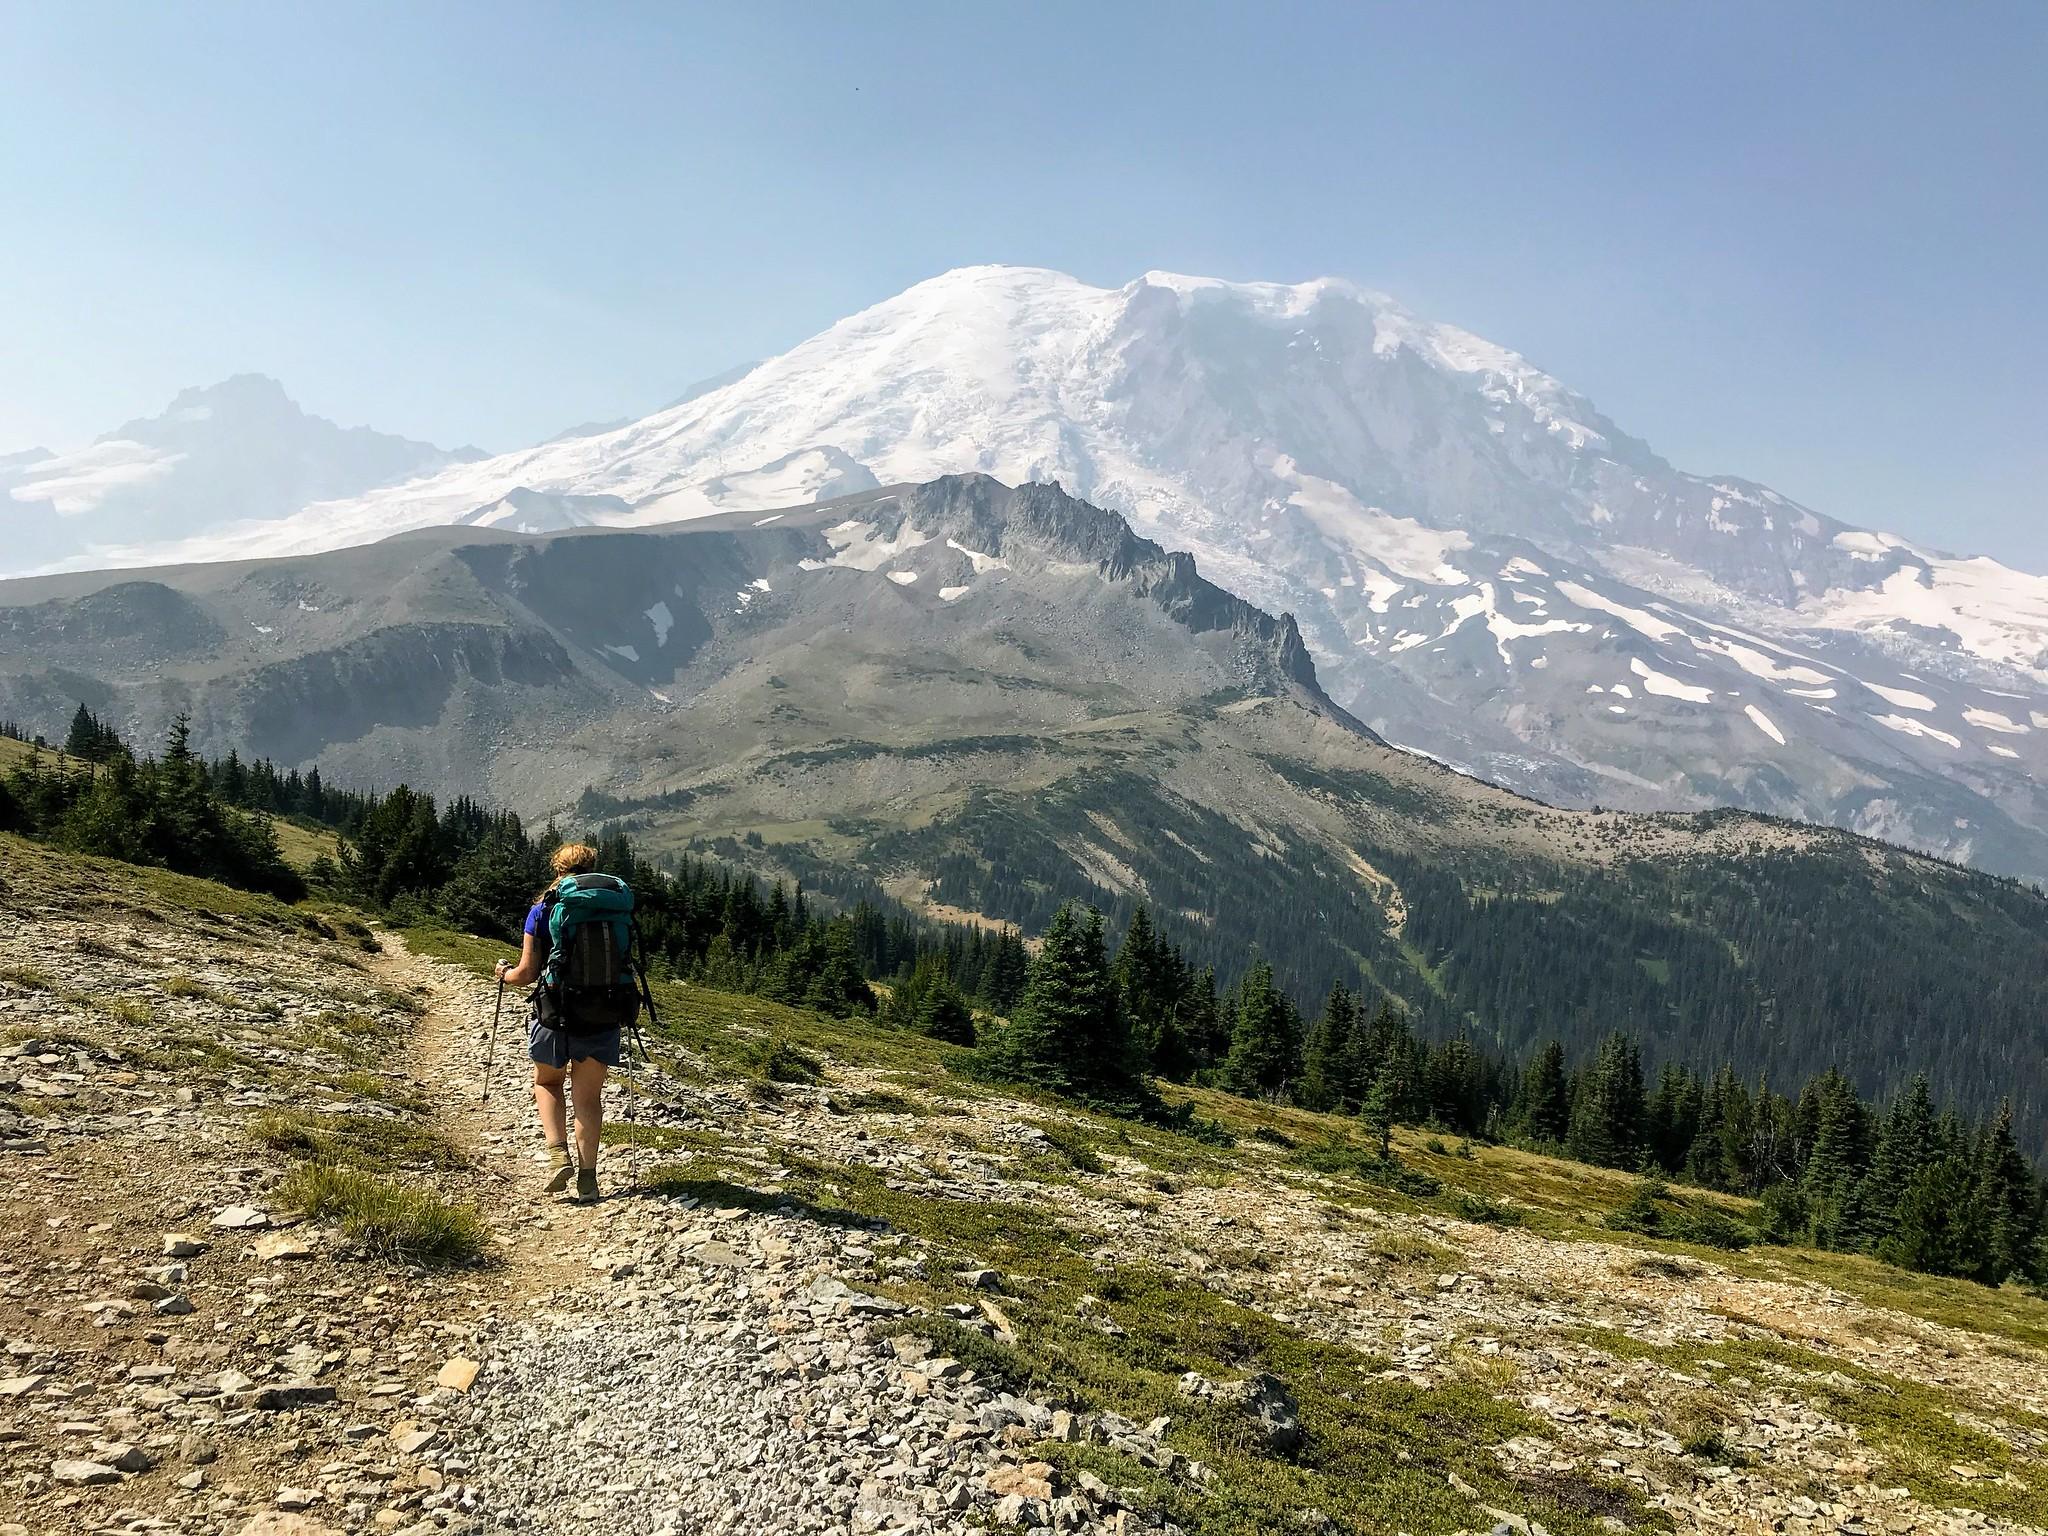 Tatyanna descending towards Granite Creek Camp